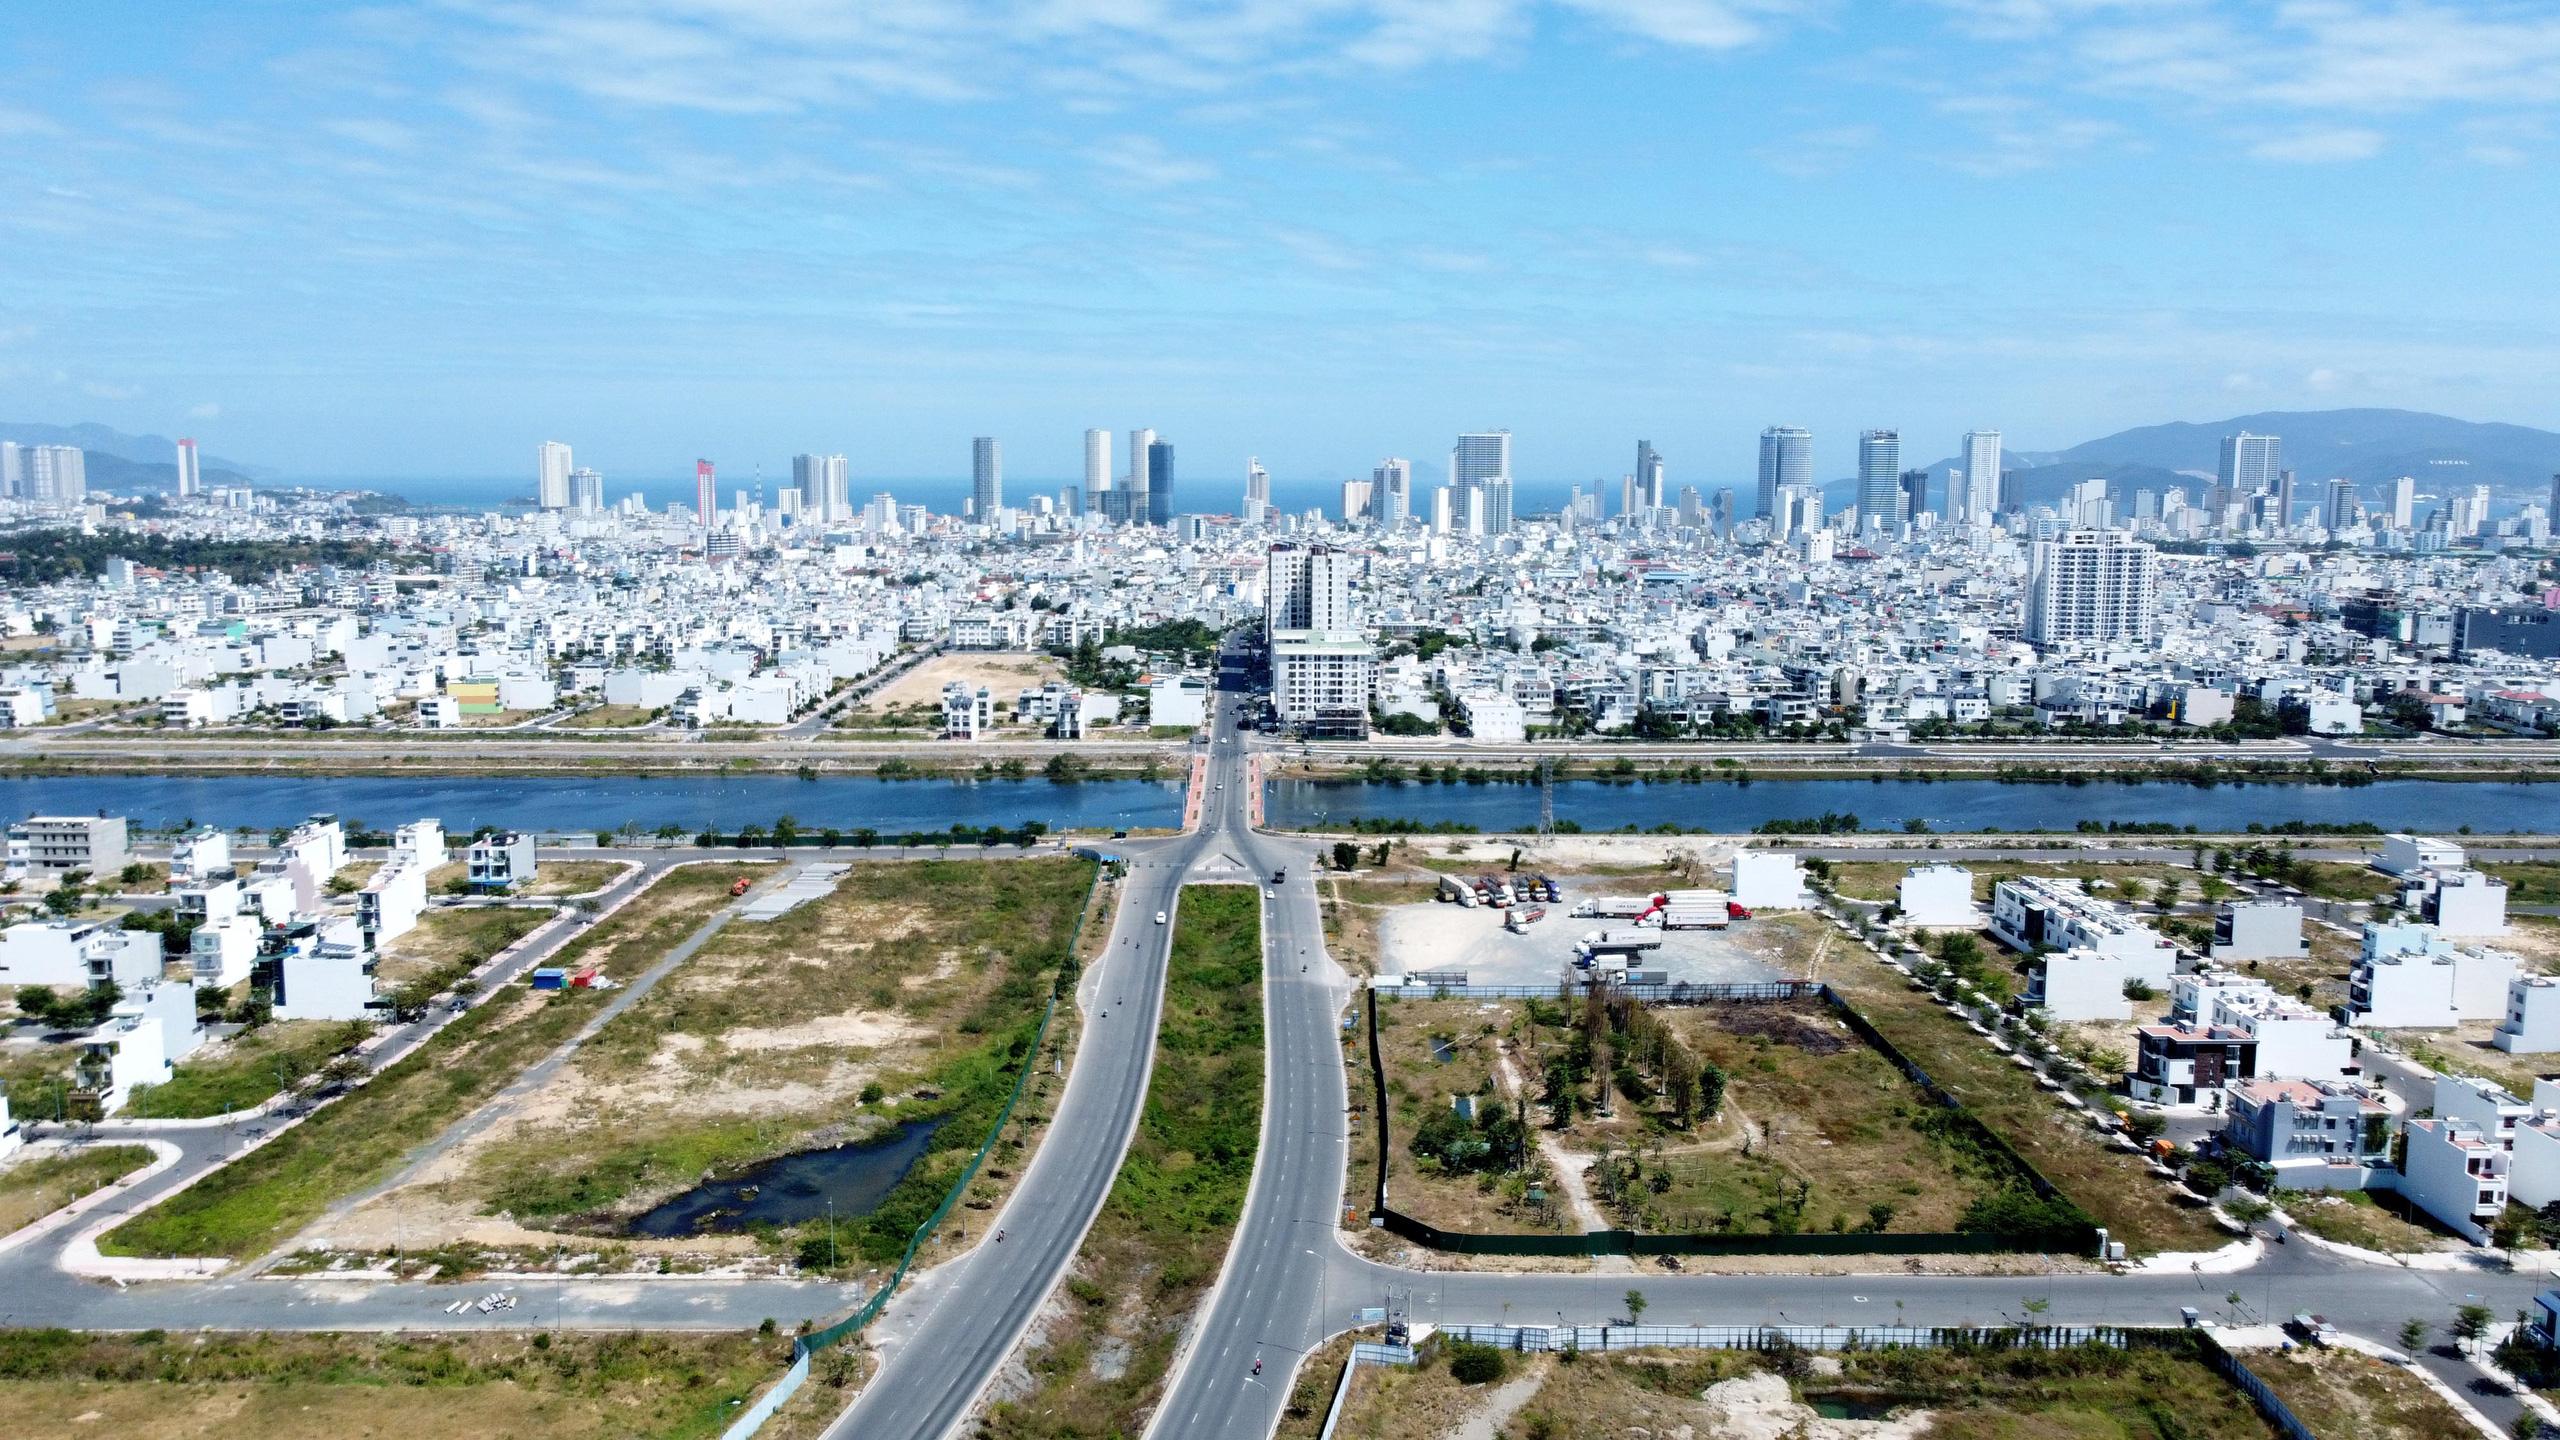 FPT và McKinsey & Company sẽ lập quy hoạch tỉnh Khánh Hòa thời kỳ 2021 - 2030 - Ảnh 1.